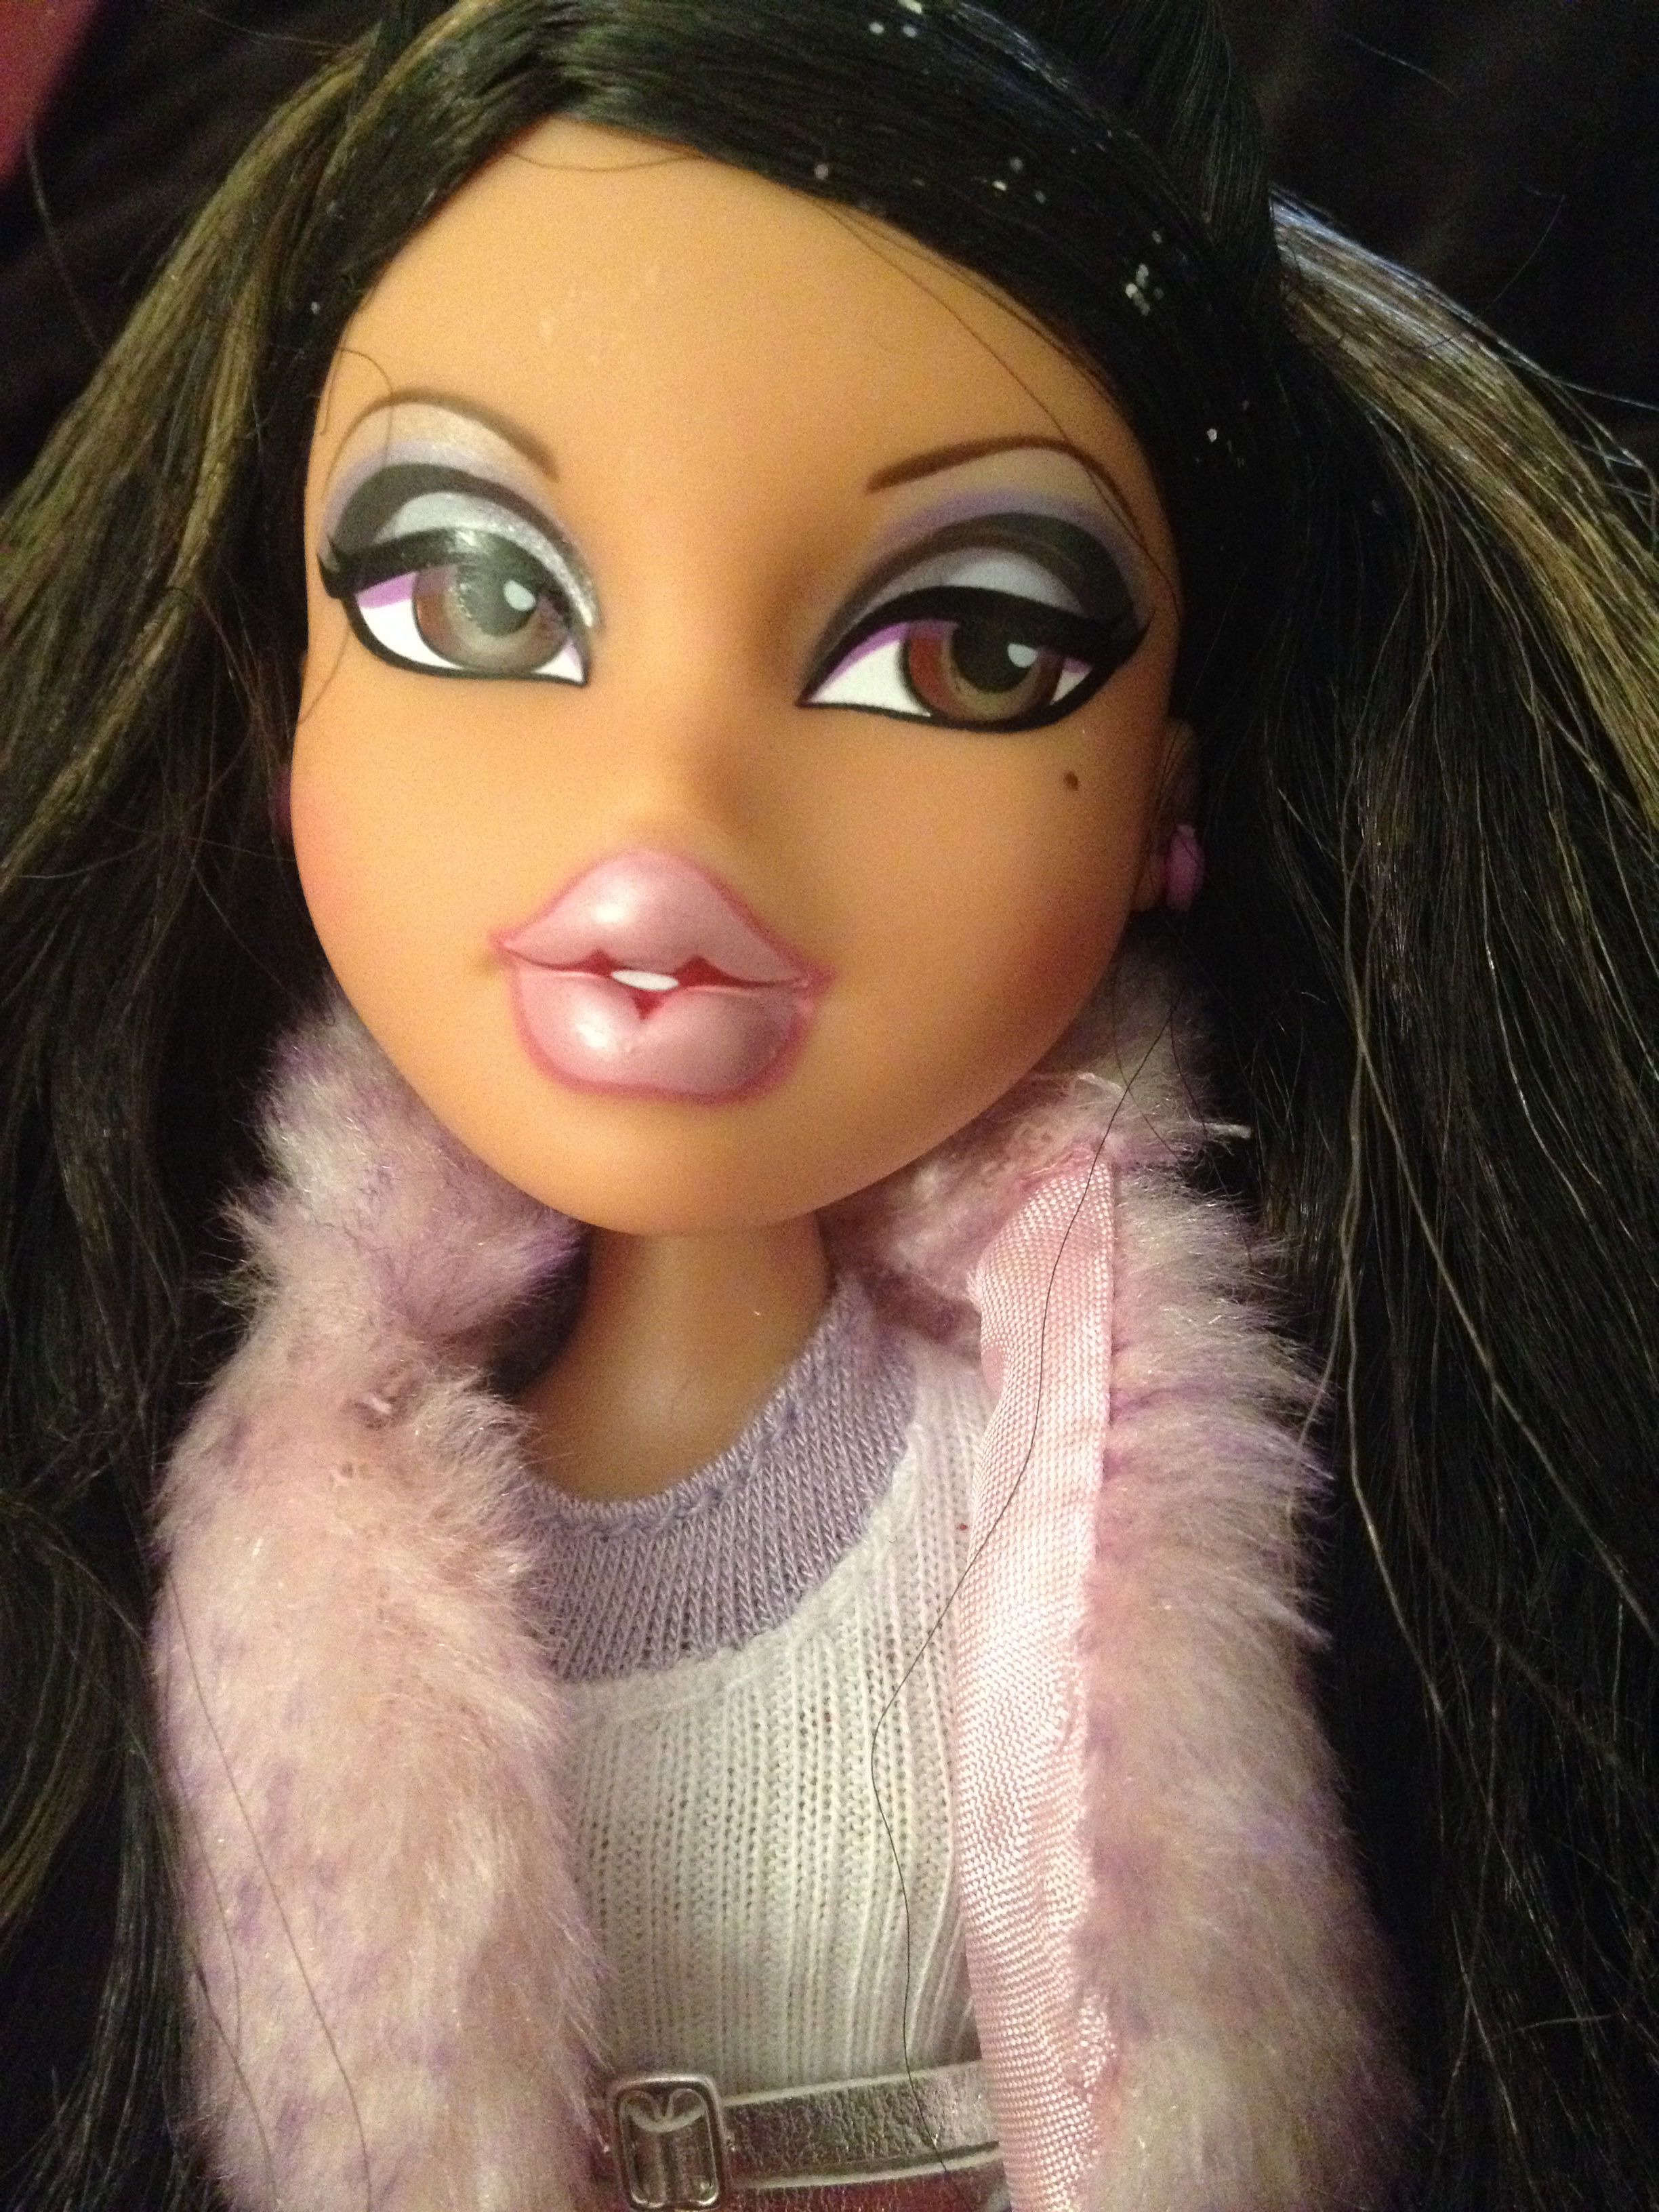 Yasmin bratz doll porn